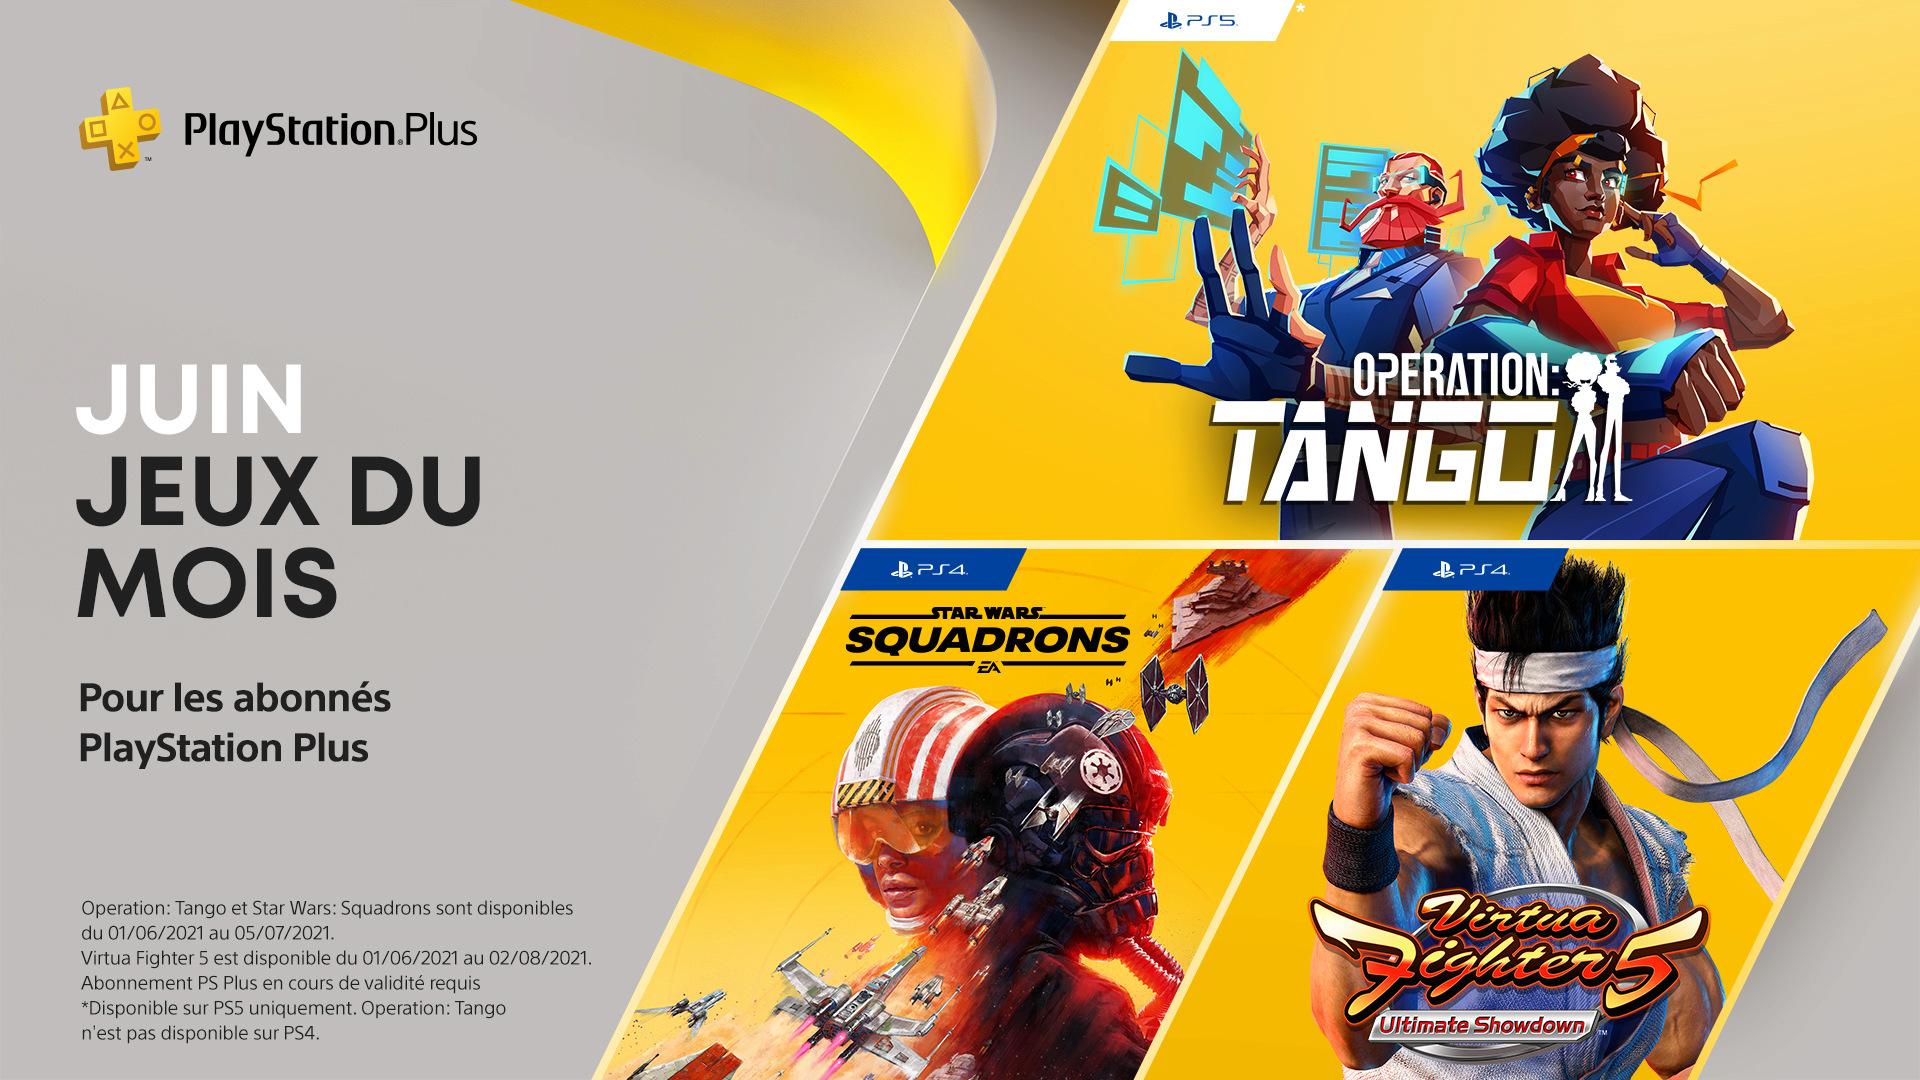 Les jeux PlayStation Plus de juin 2021 Playst16